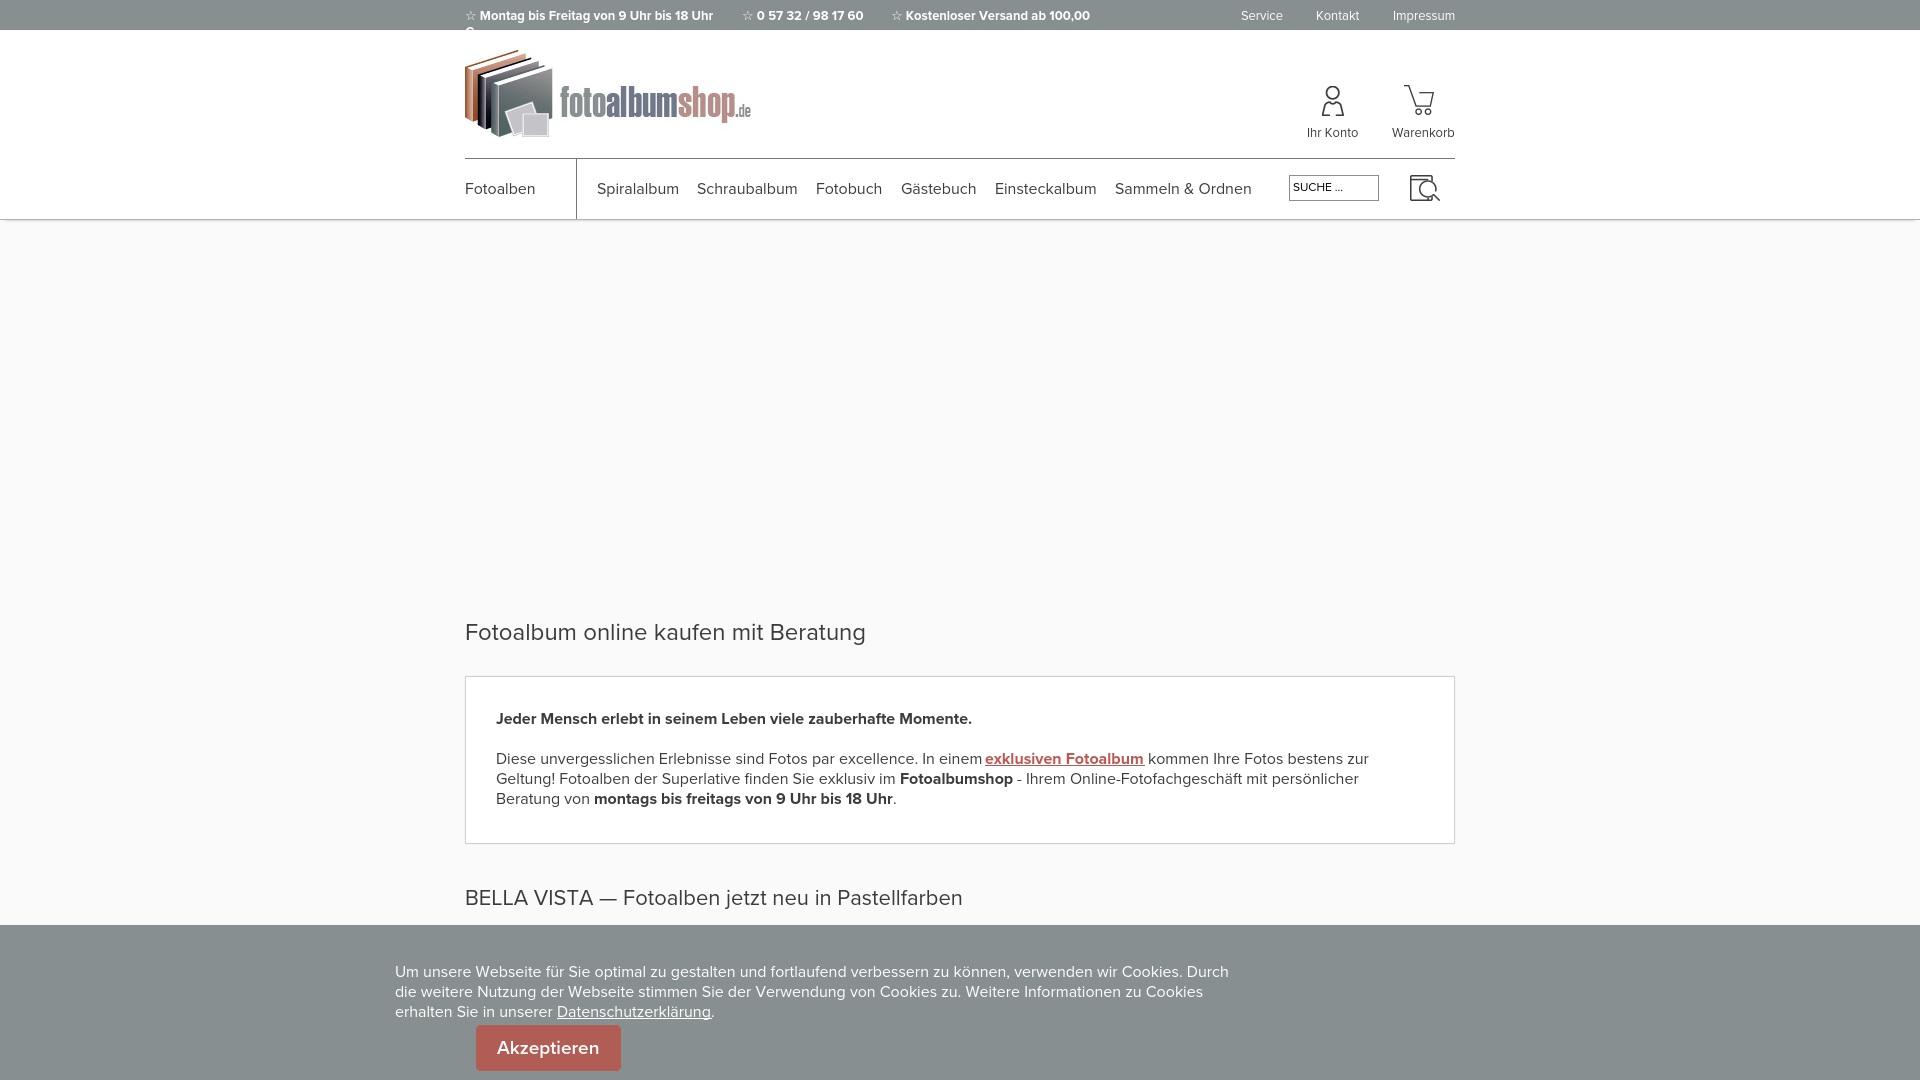 Geld zurück bei Fotoalbumshop: Jetzt im April 2021 Cashback für Fotoalbumshop sichern